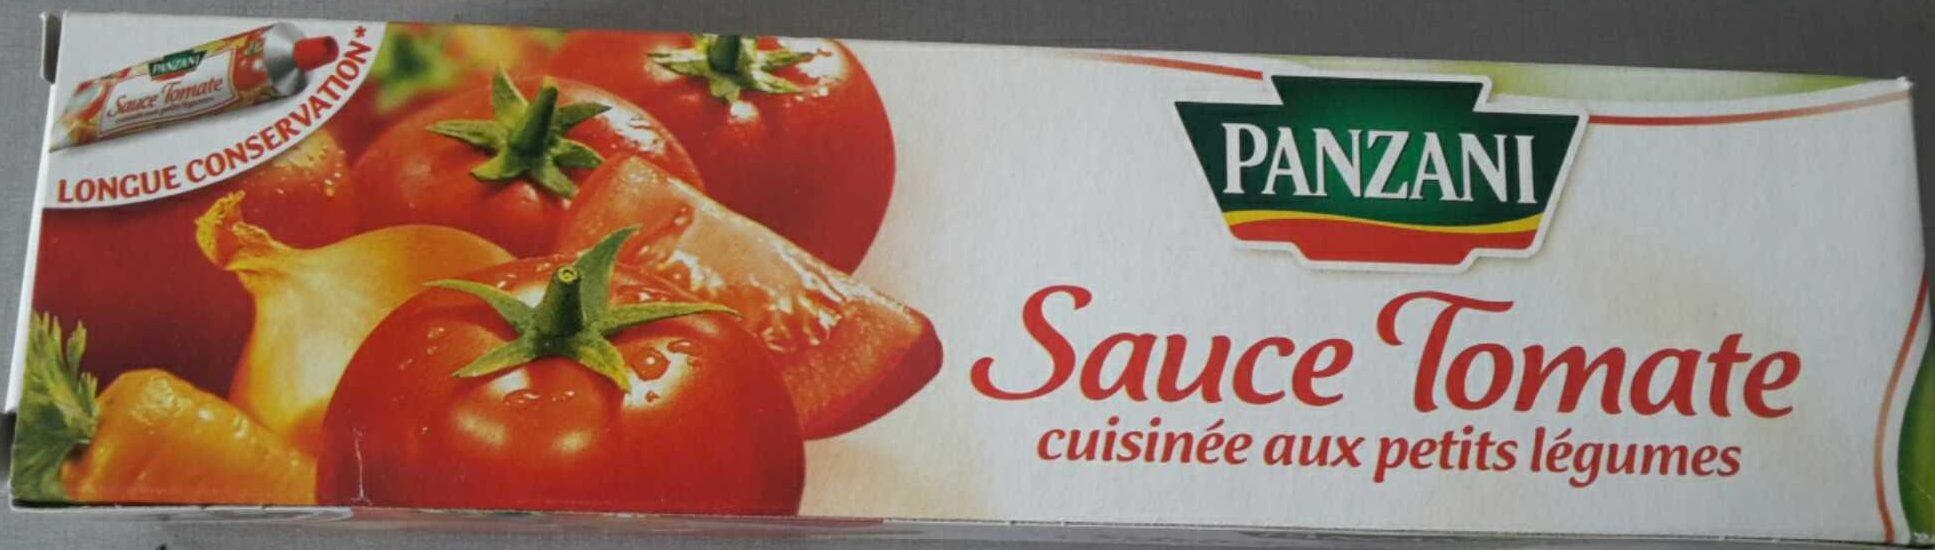 Sauce tomate cuisinée aux petits légumes - Product - fr